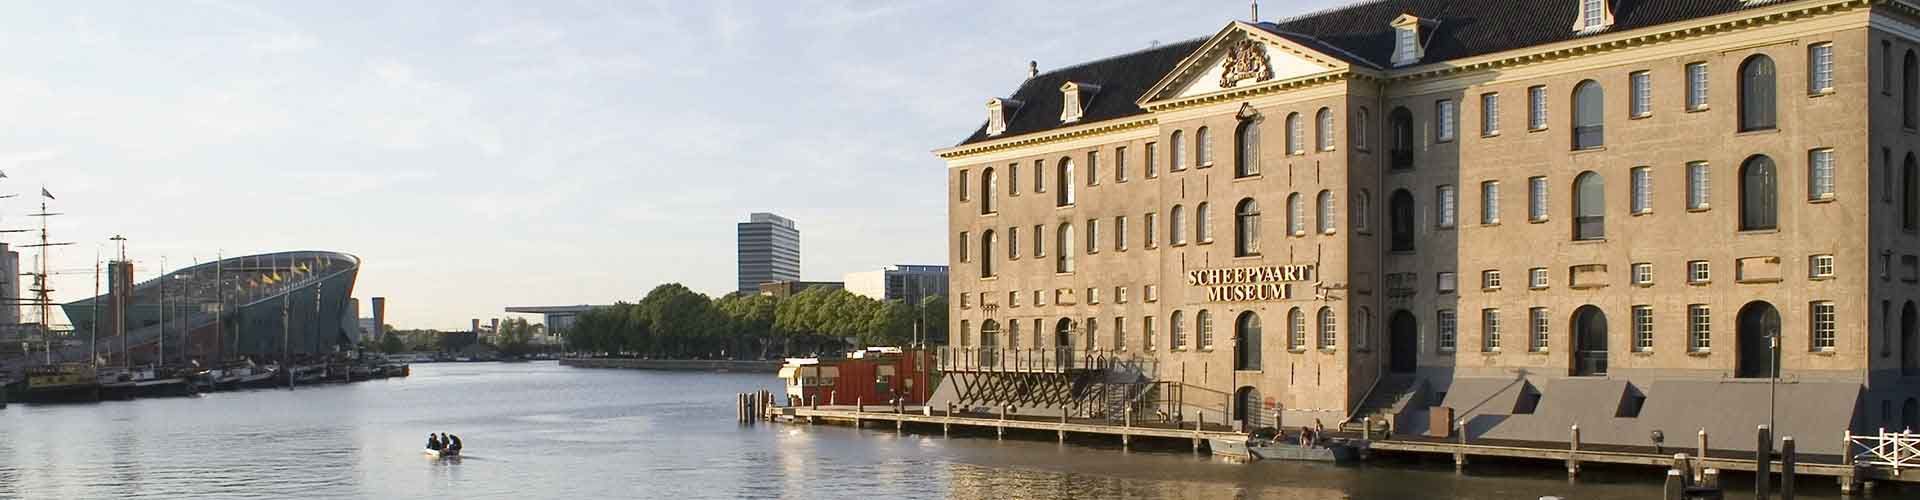 Amsterdam - Hoteles baratos cerca a Scheepvaartmuseum. Mapas de Amsterdam, Fotos y comentarios de cada Hotel en Amsterdam.